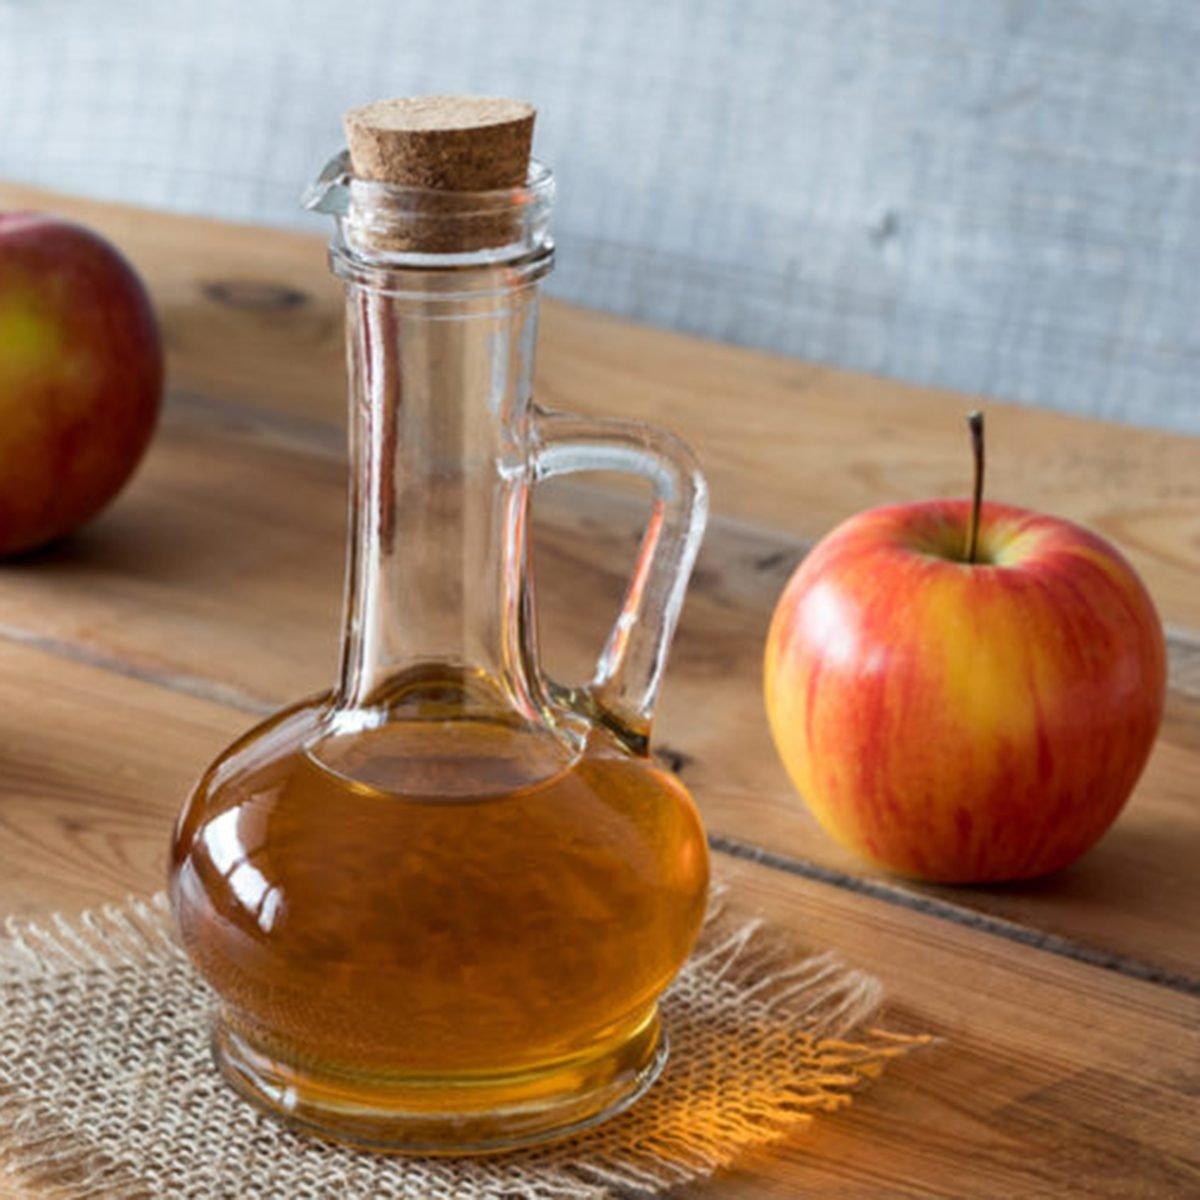 A bottle of apple cider vinegar on a wooden table